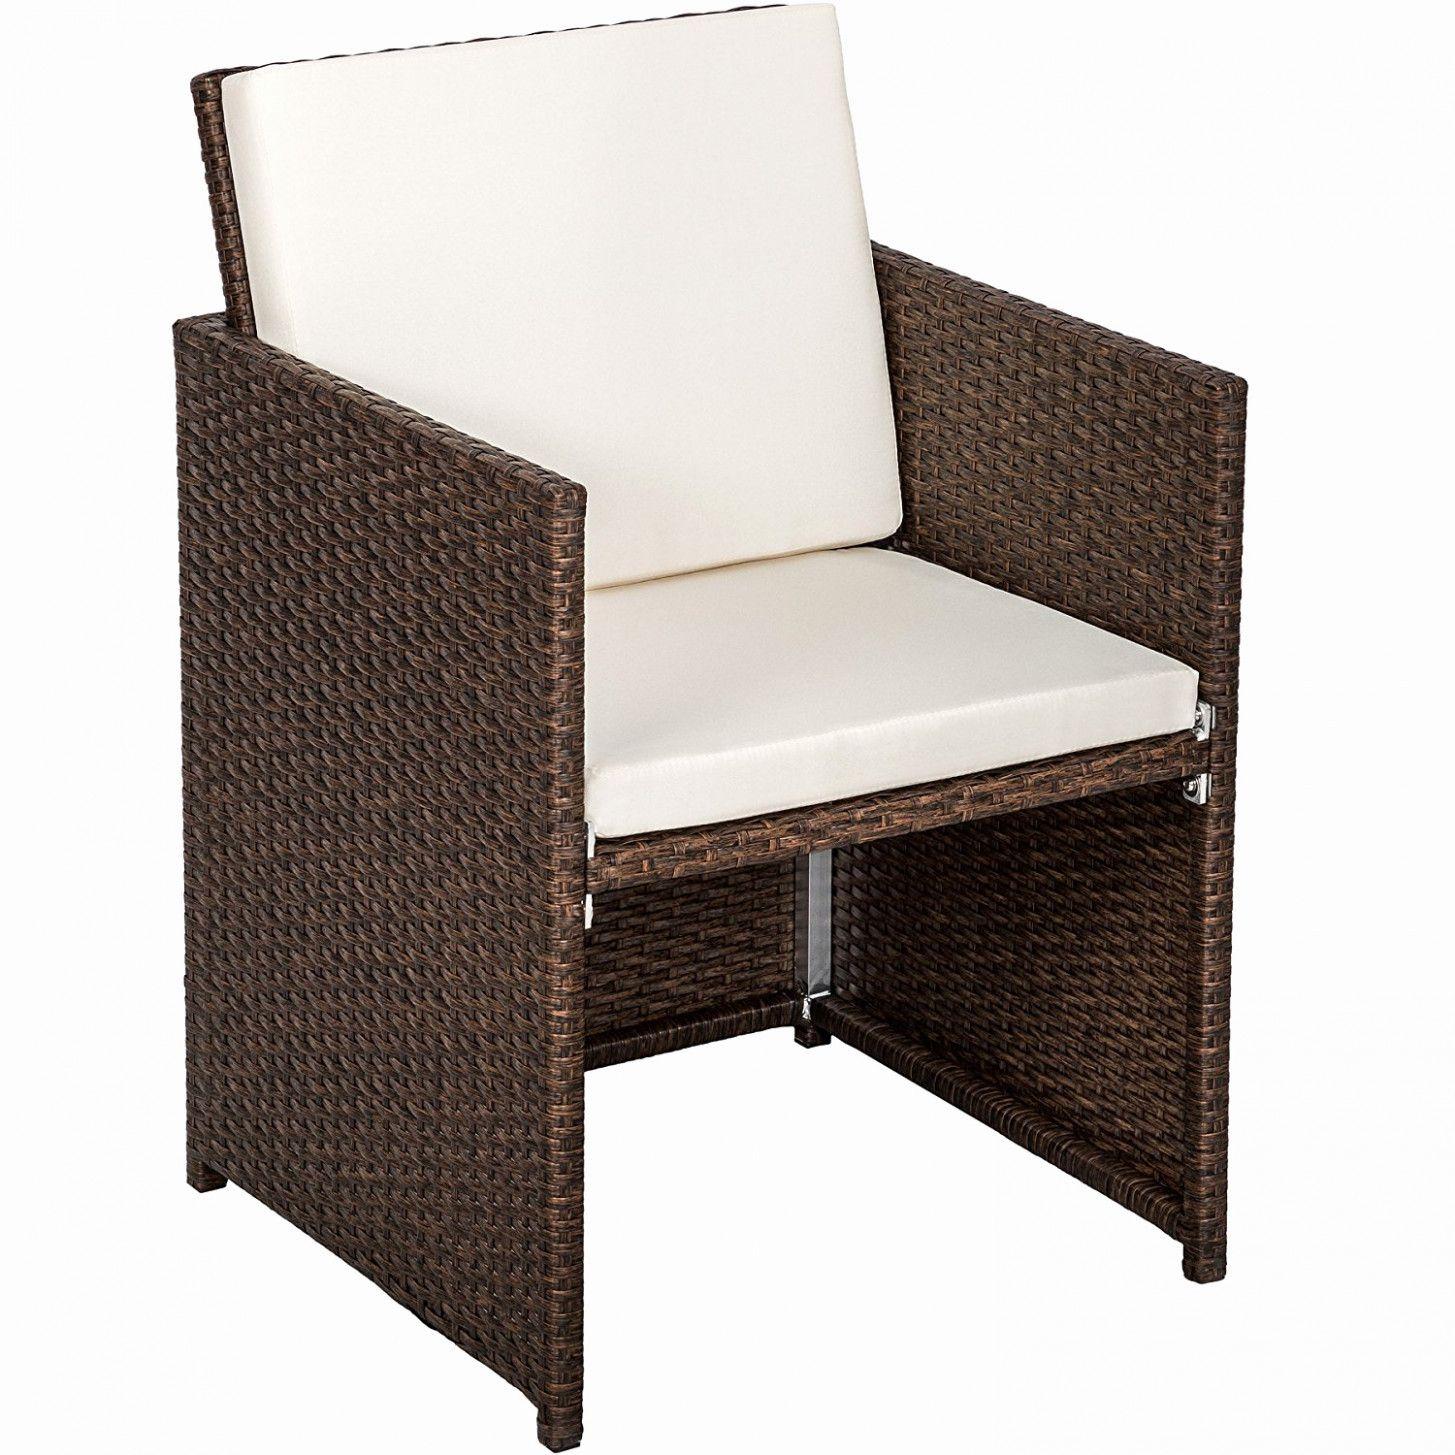 Salon De Jardin Plastique Afin De Sensibiliser Les Eleves Aux Enjeux Environnementaux In 2020 Outdoor Tables And Chairs Rattan Garden Furniture Garden Table And Chairs